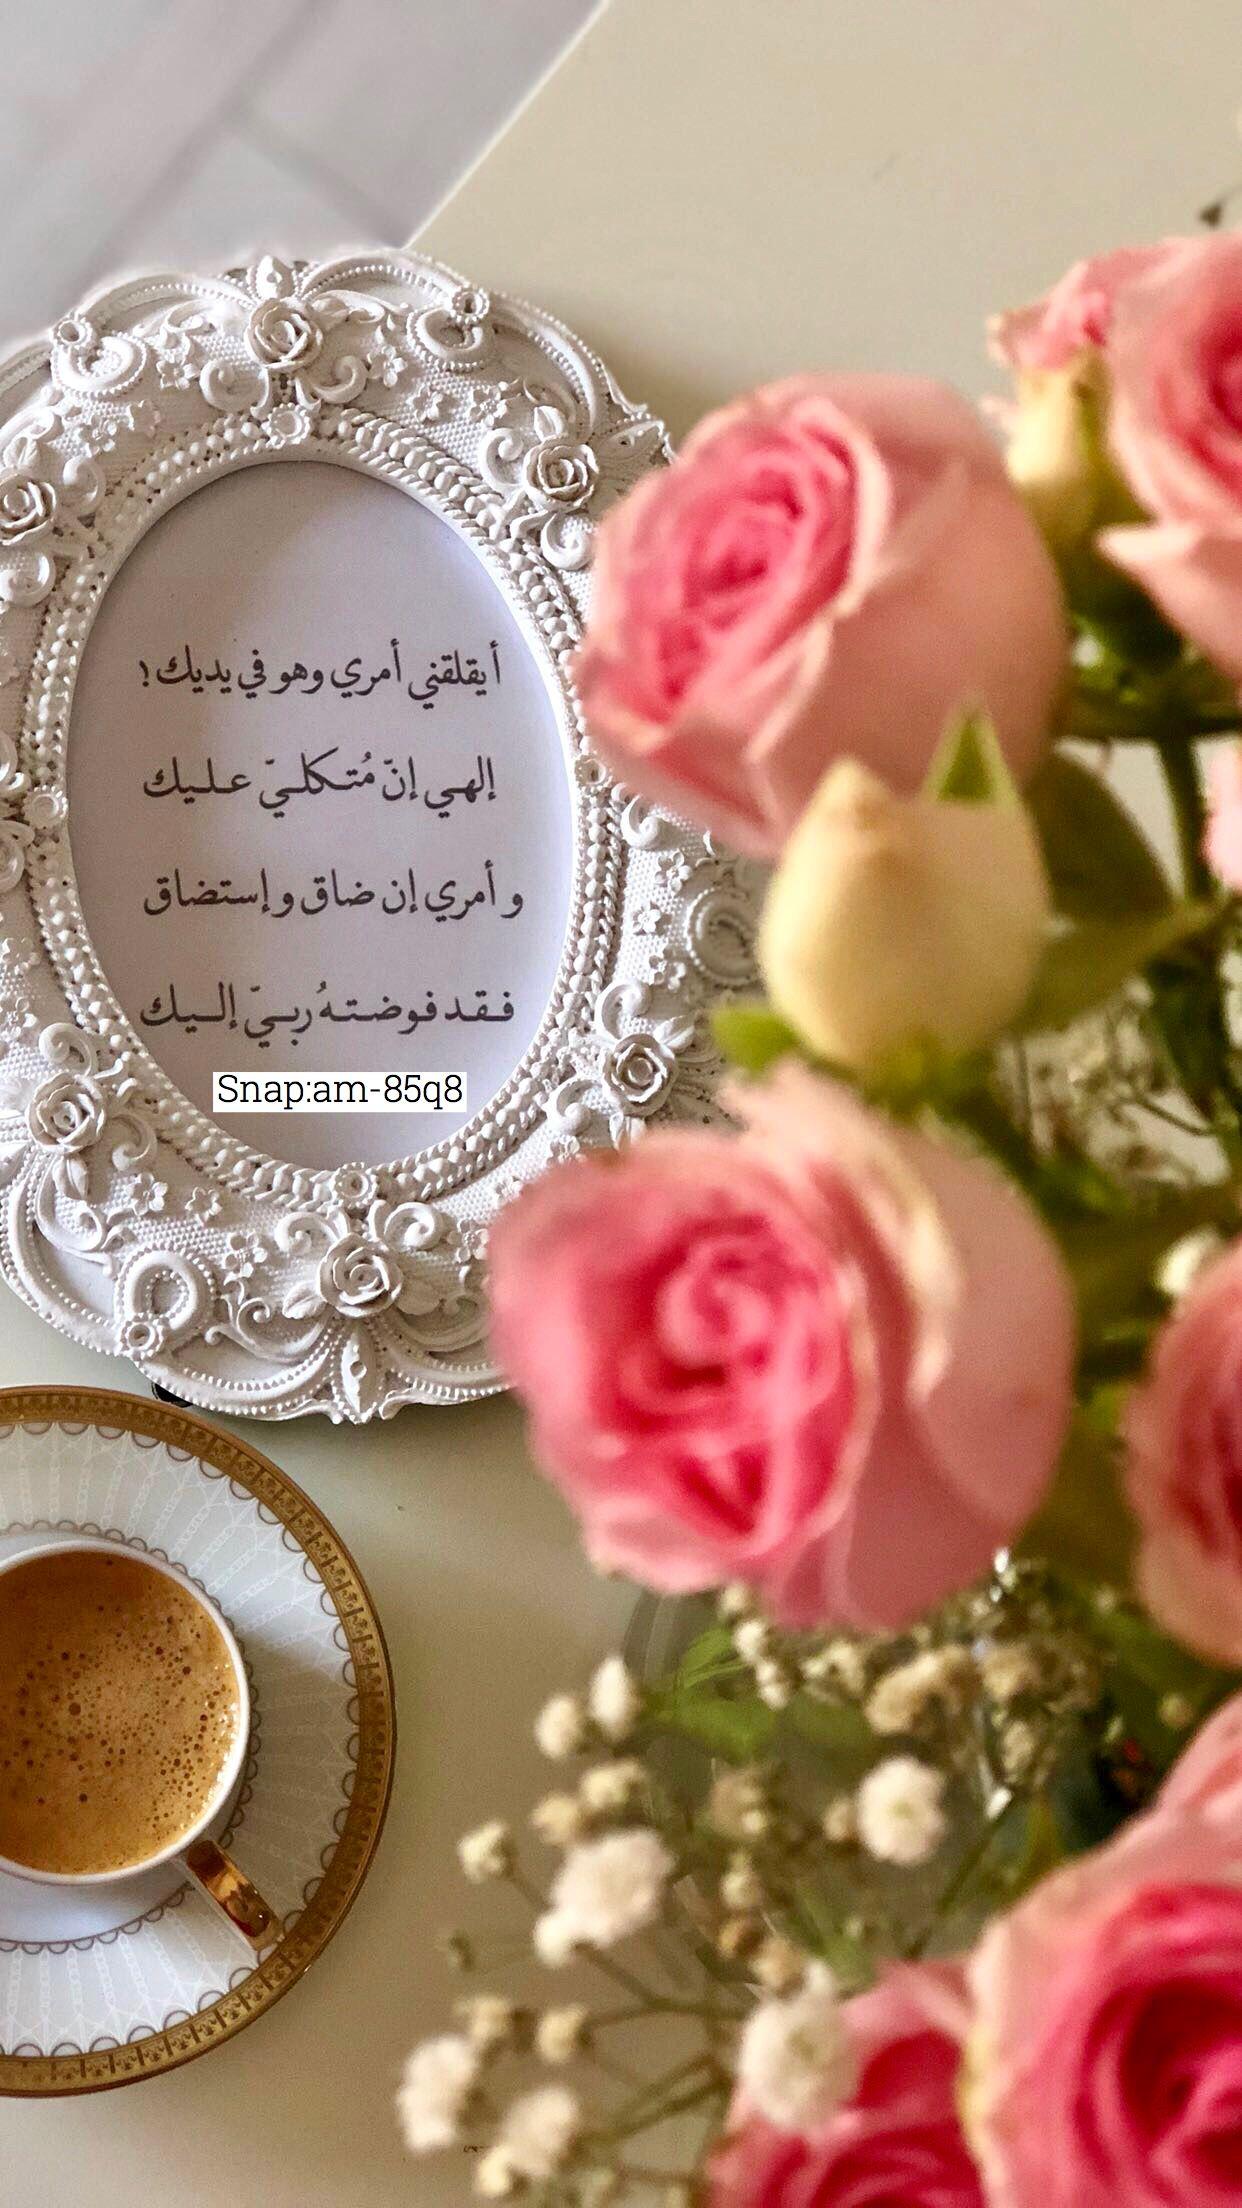 سنابي سناب تصويري كل هالدنيا أماني Place Card Holders Arabic Quotes Table Decorations